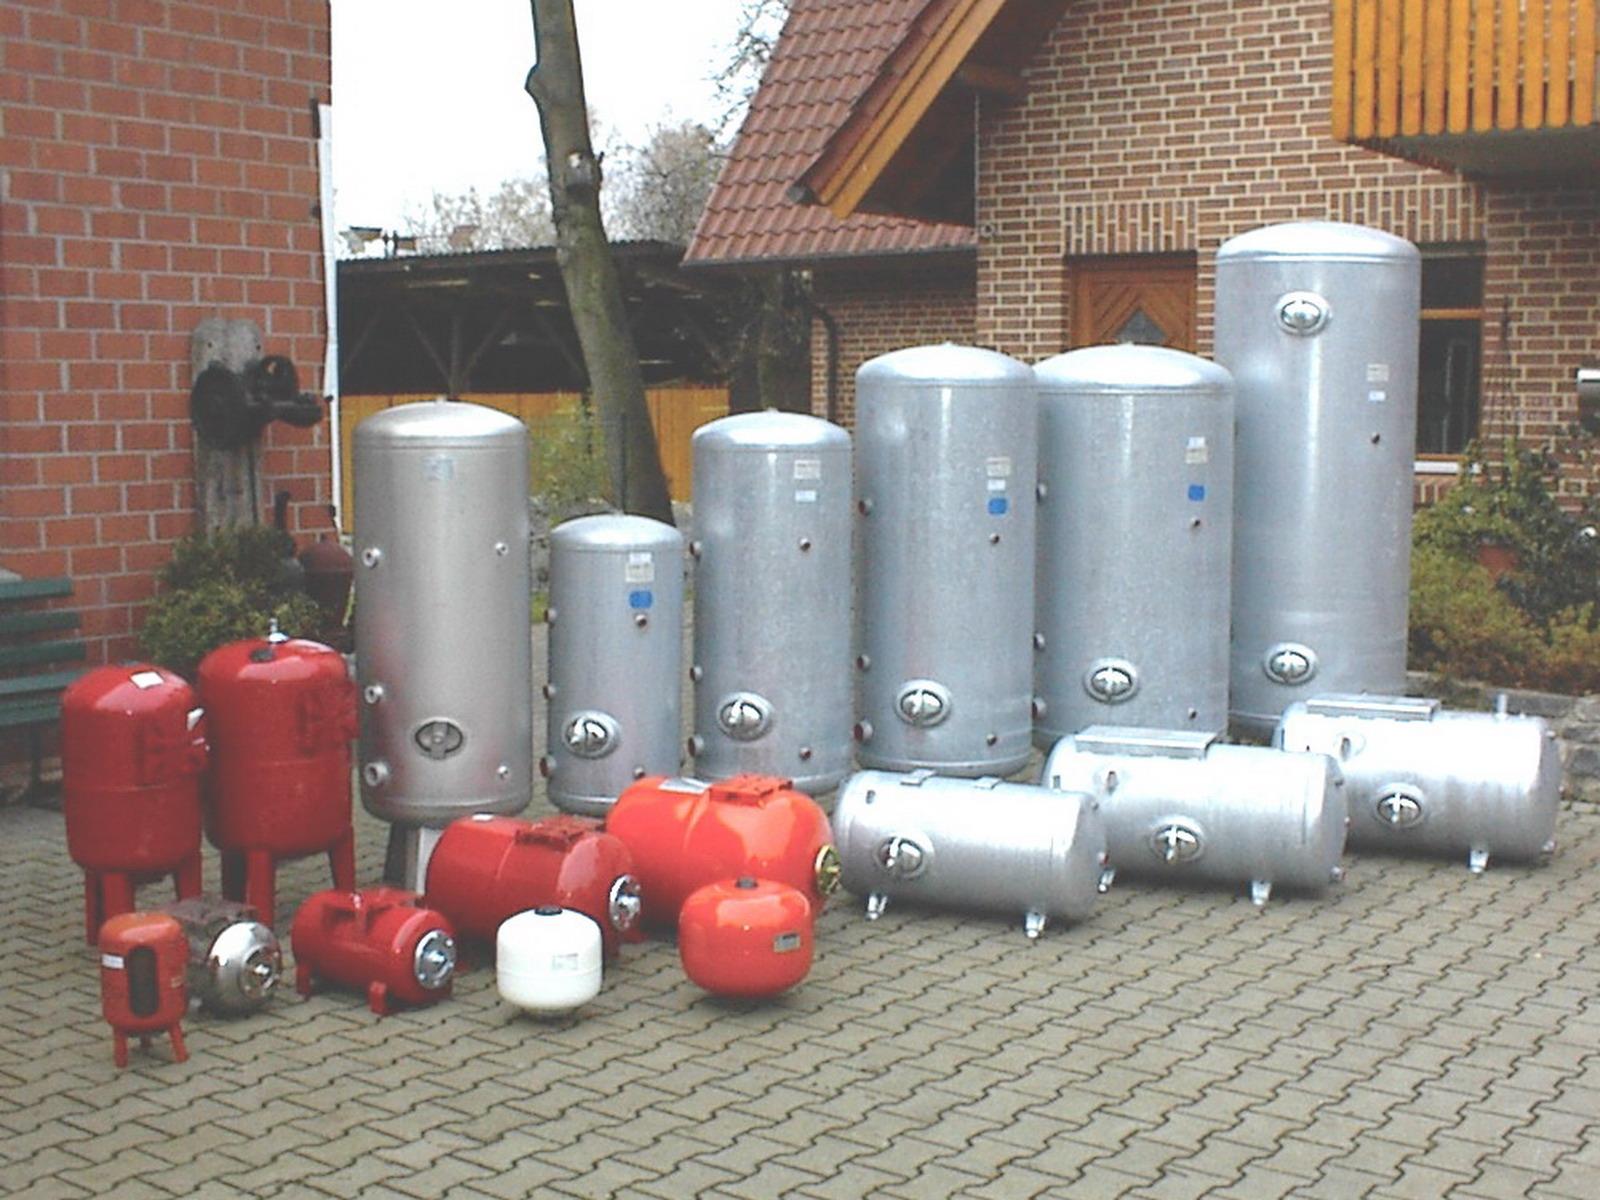 Hervorragend Steffens Pumpen und Behälter - Steffens Pumpen FQ62